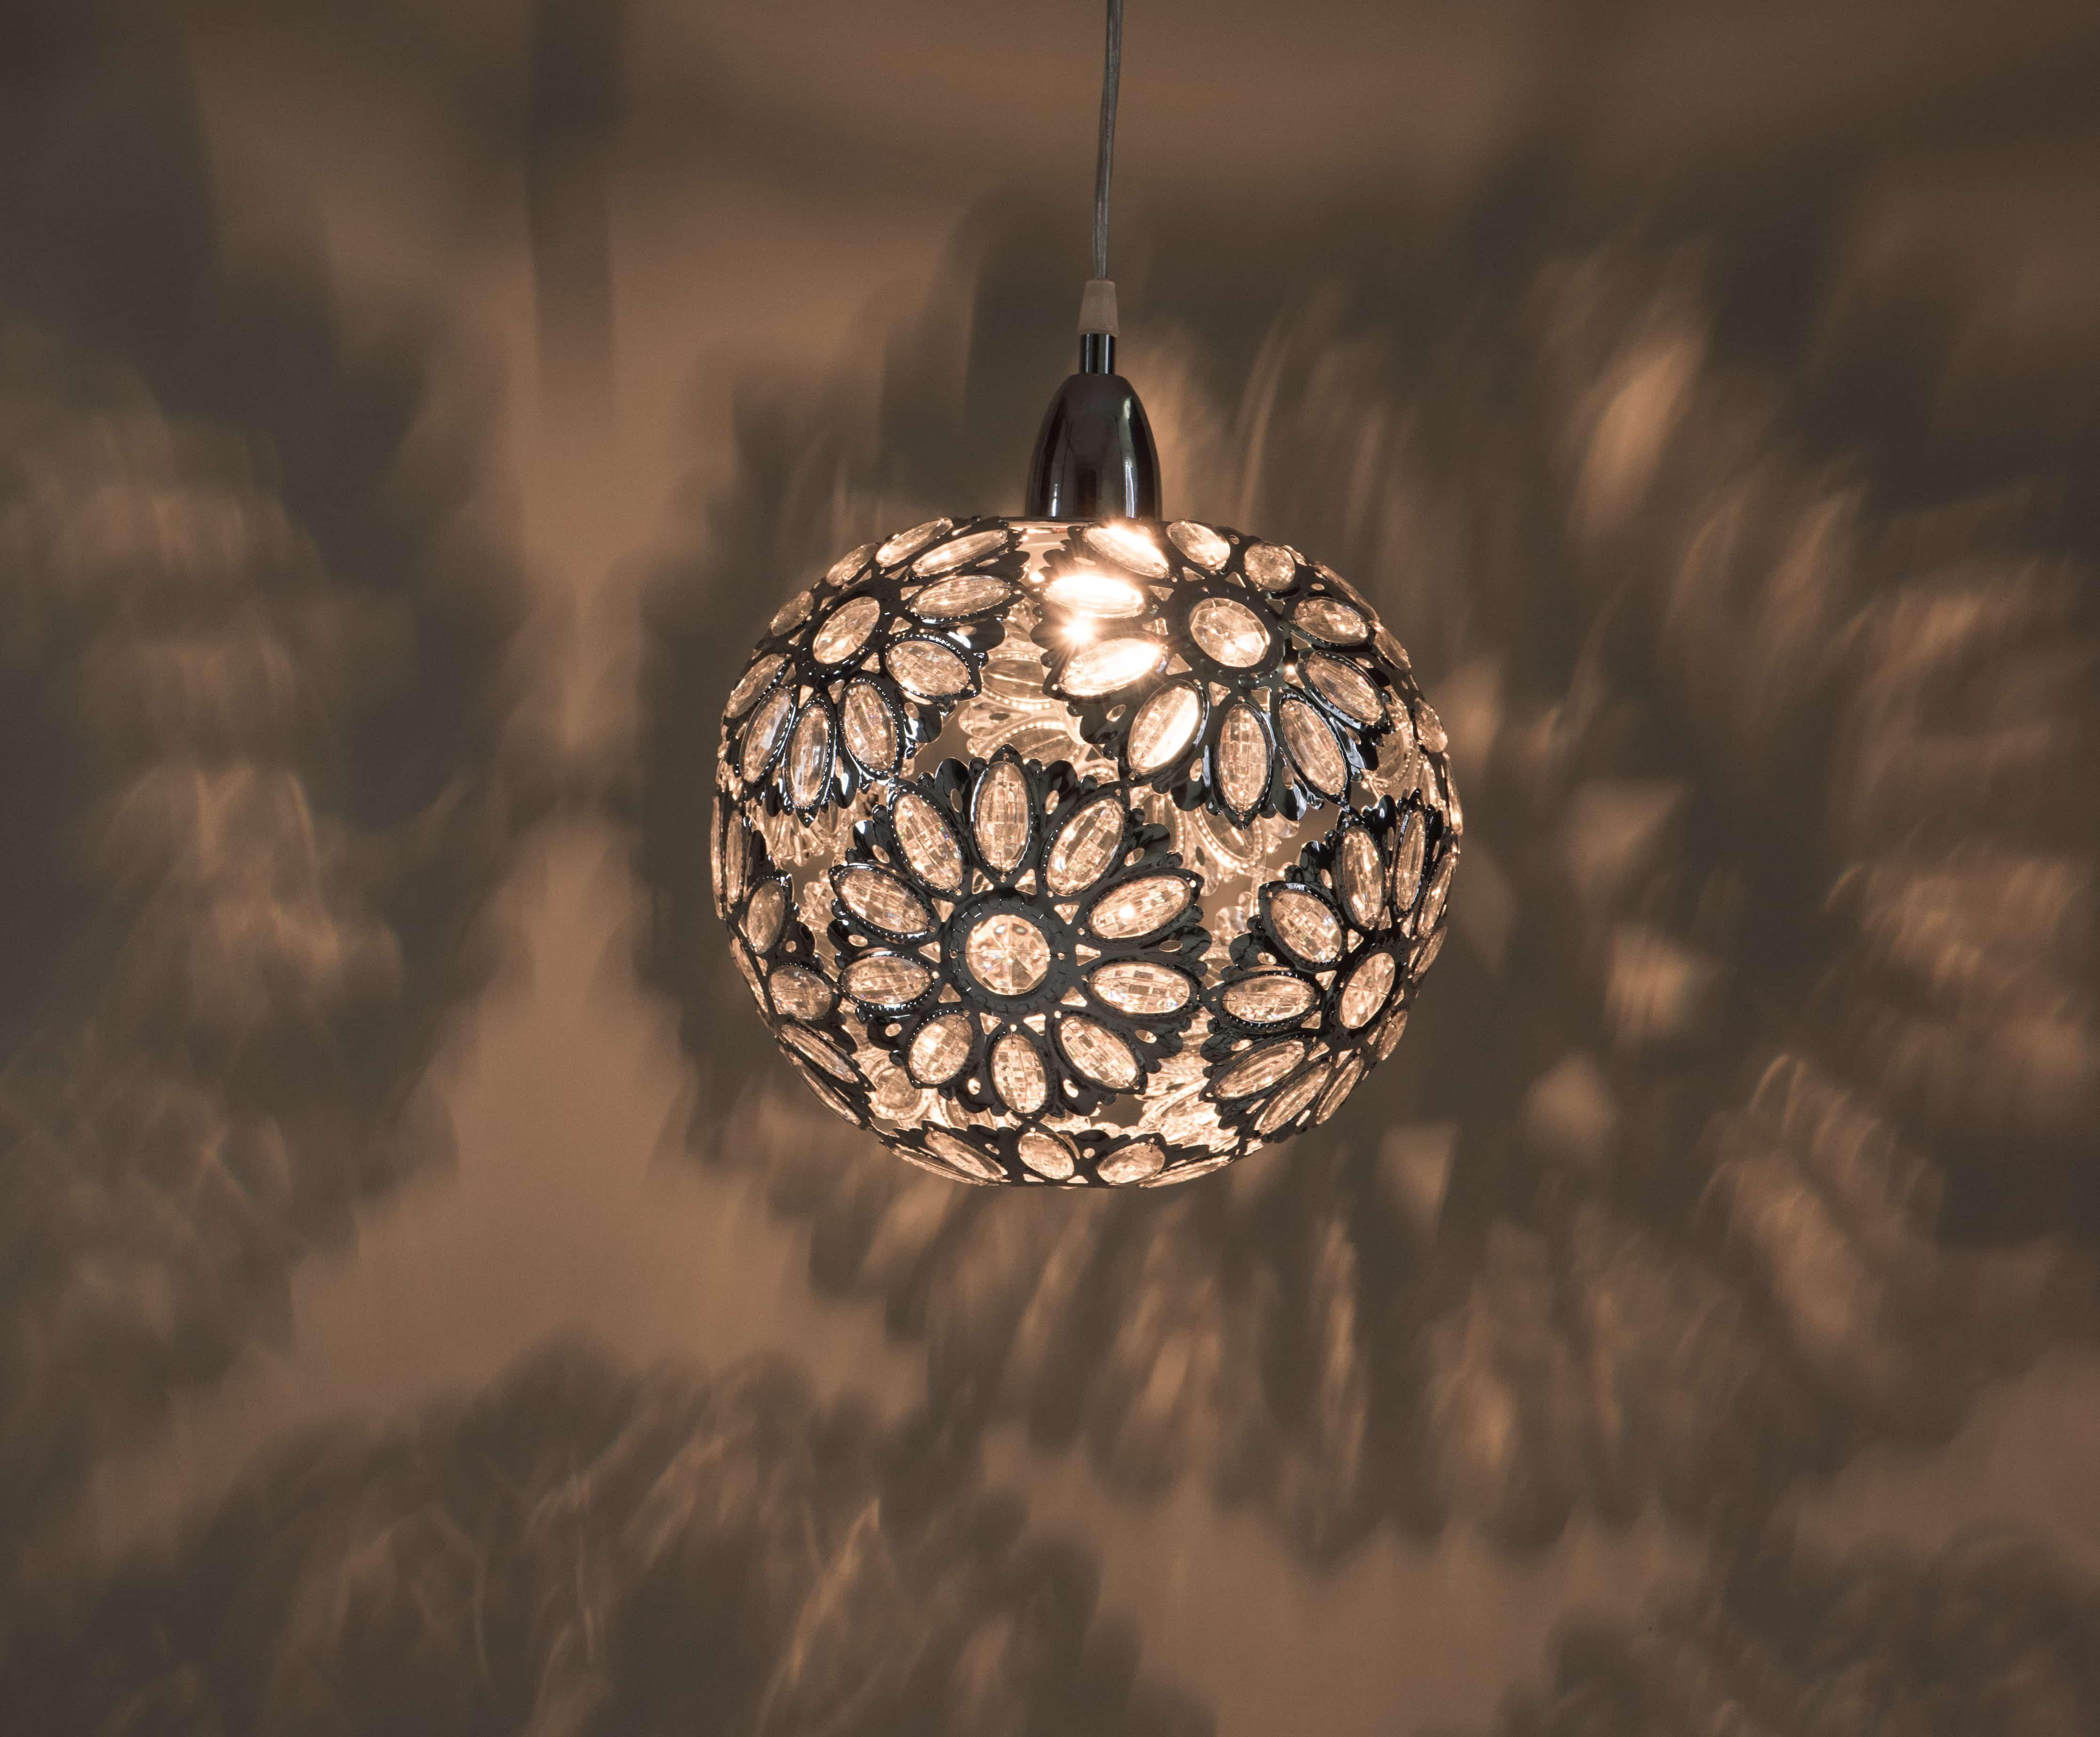 鍍鉻波斯蘭菊吊燈-BNL00086 6